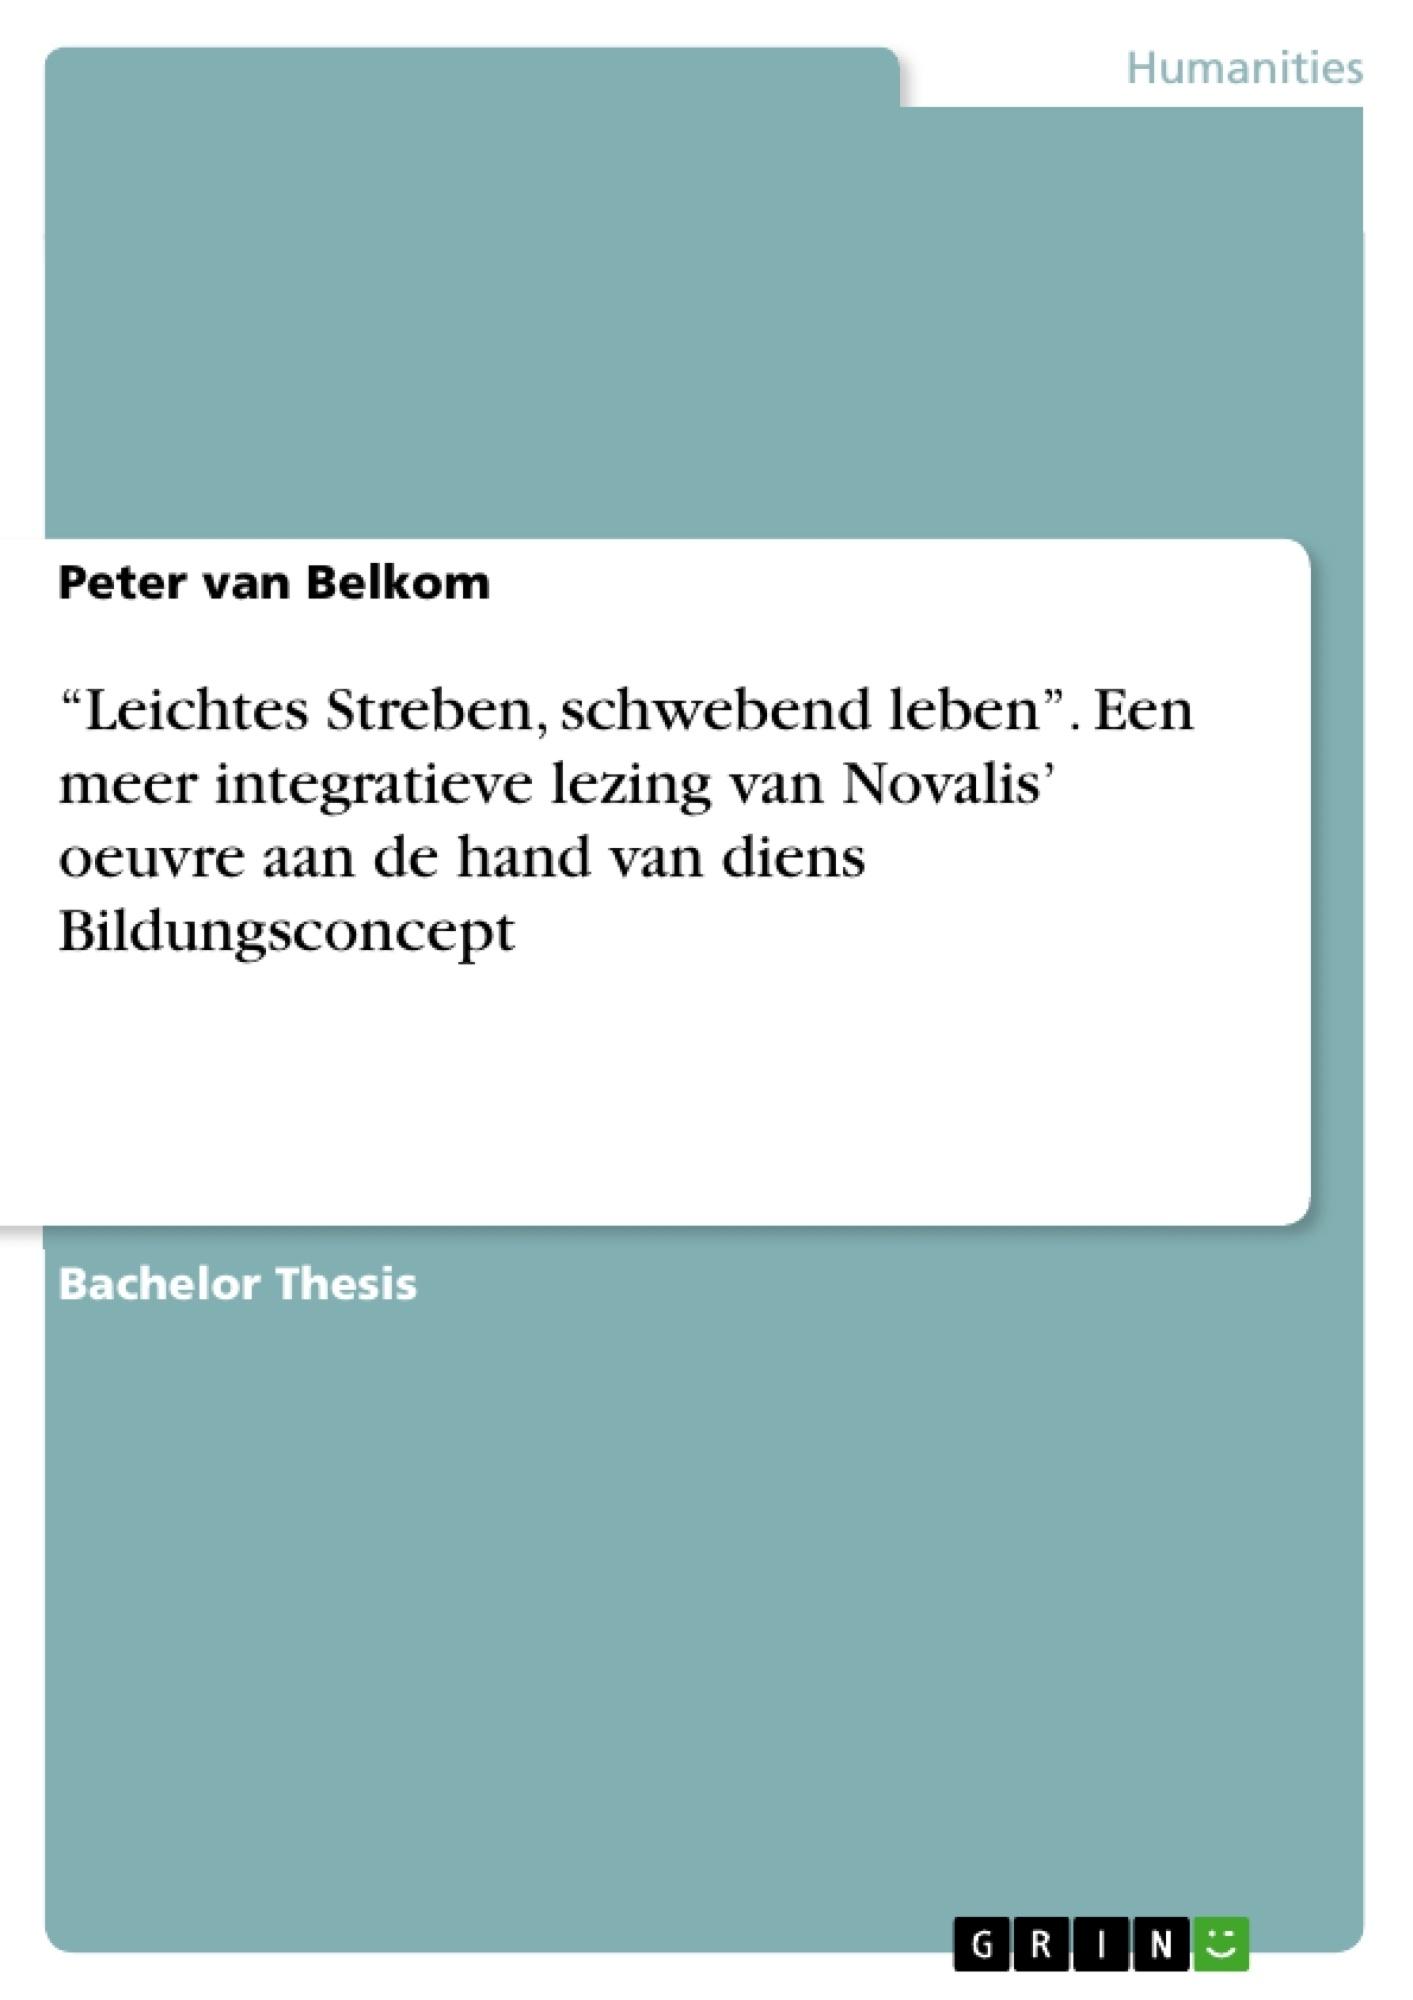 """Title: """"Leichtes Streben, schwebend leben"""". Een meer integratieve lezing van Novalis' oeuvre aan de hand  van diens Bildungsconcept"""